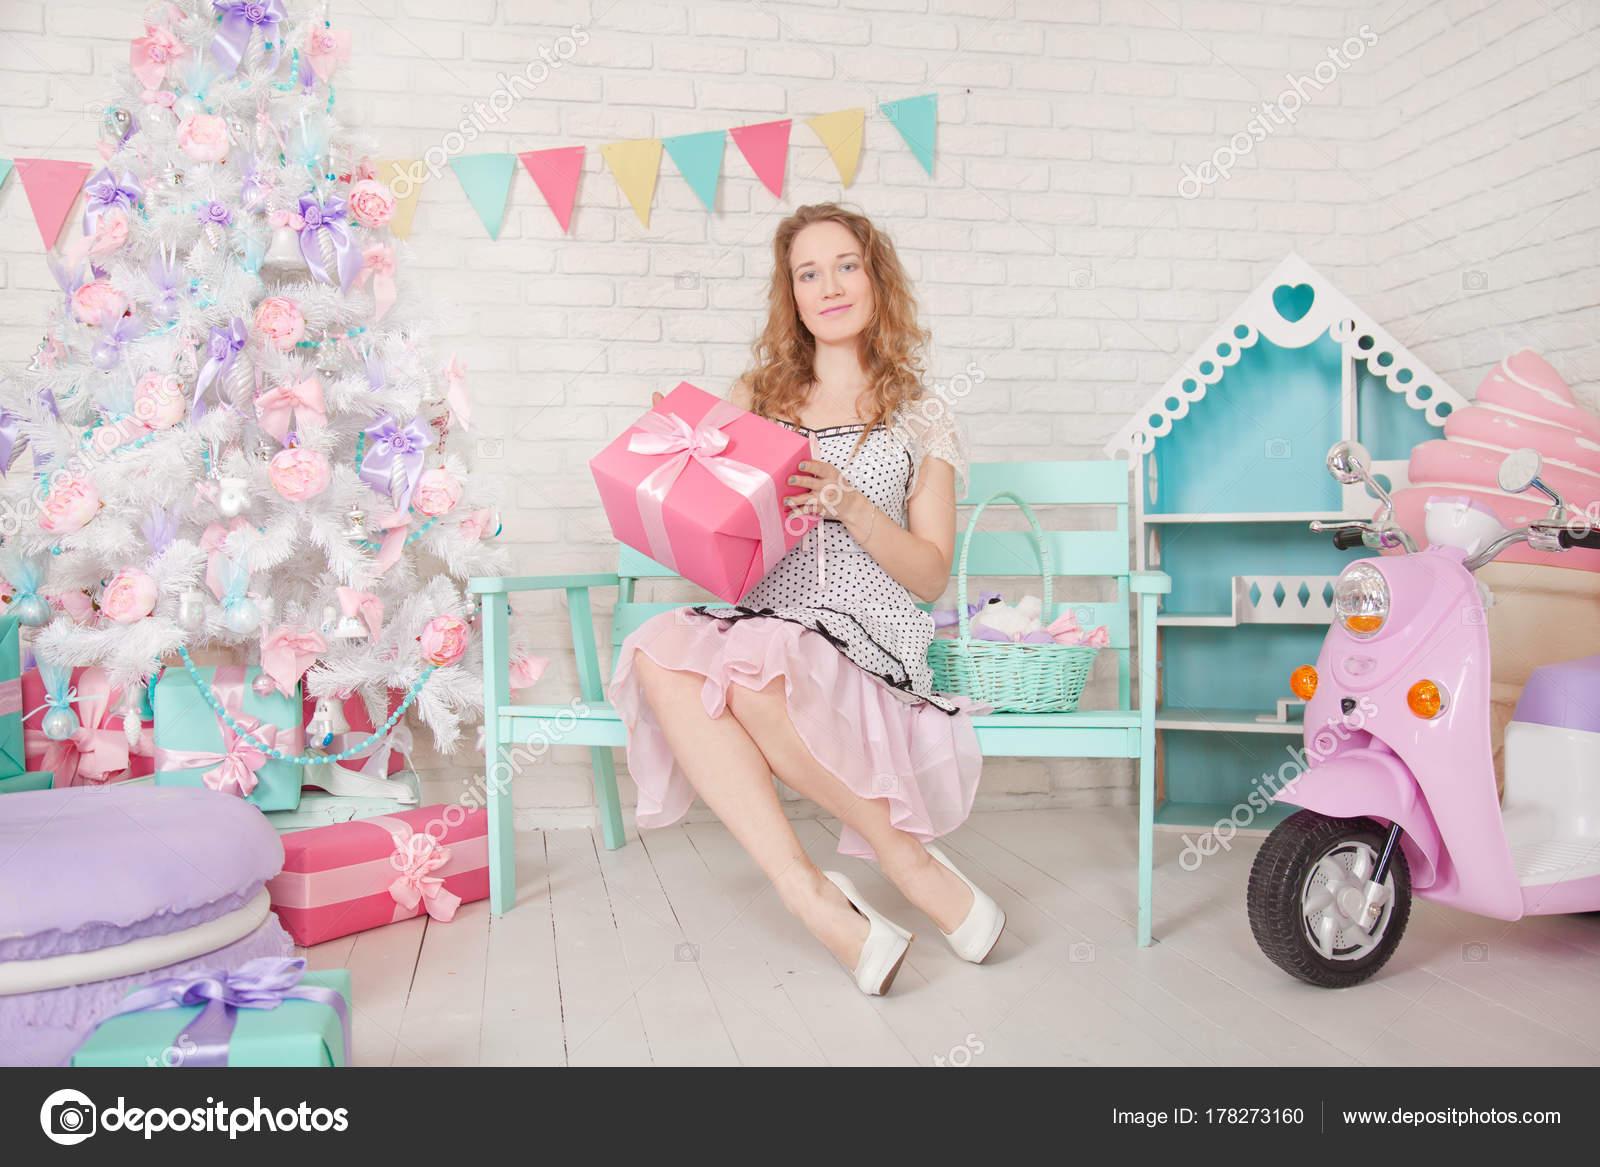 31eae2a1c20 Pěkné Dospívající Dívka Roztomilé Šaty Vánoční Stromeček Dárky ...